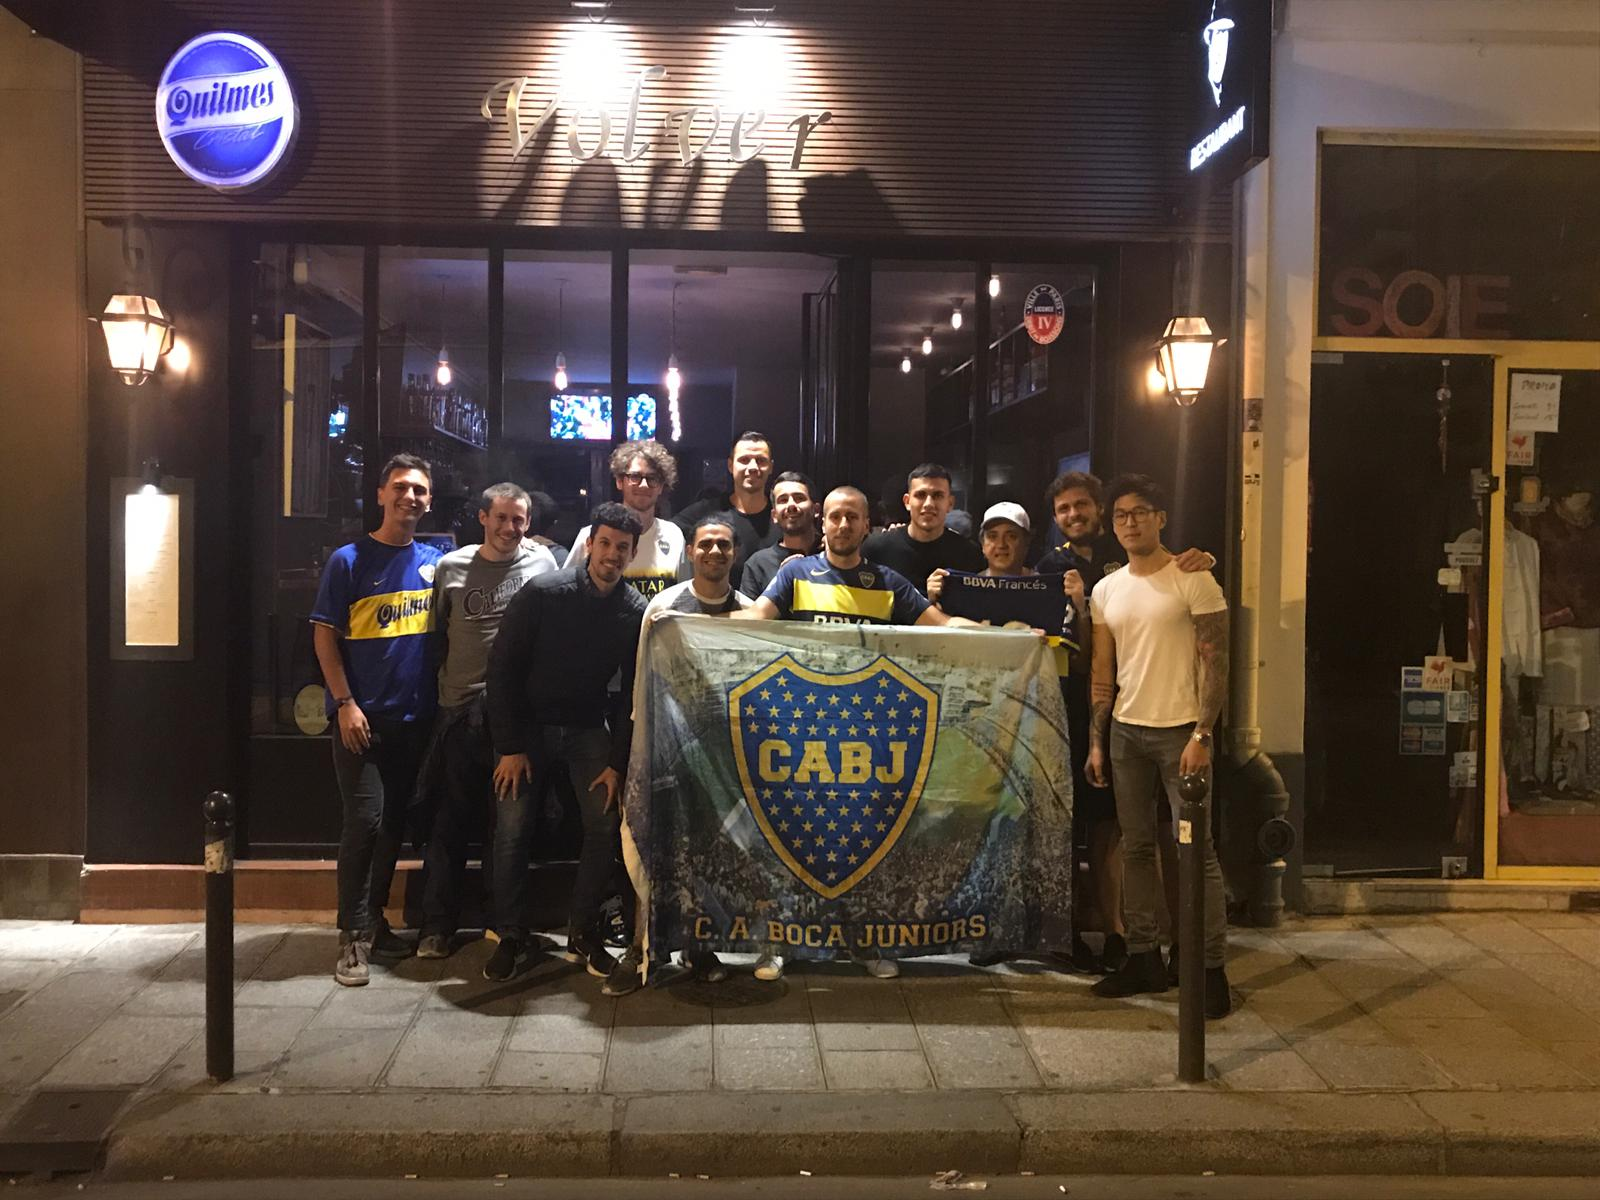 Paredes a regardé la Copa Libertadores avec les fans français du Boca Juniors